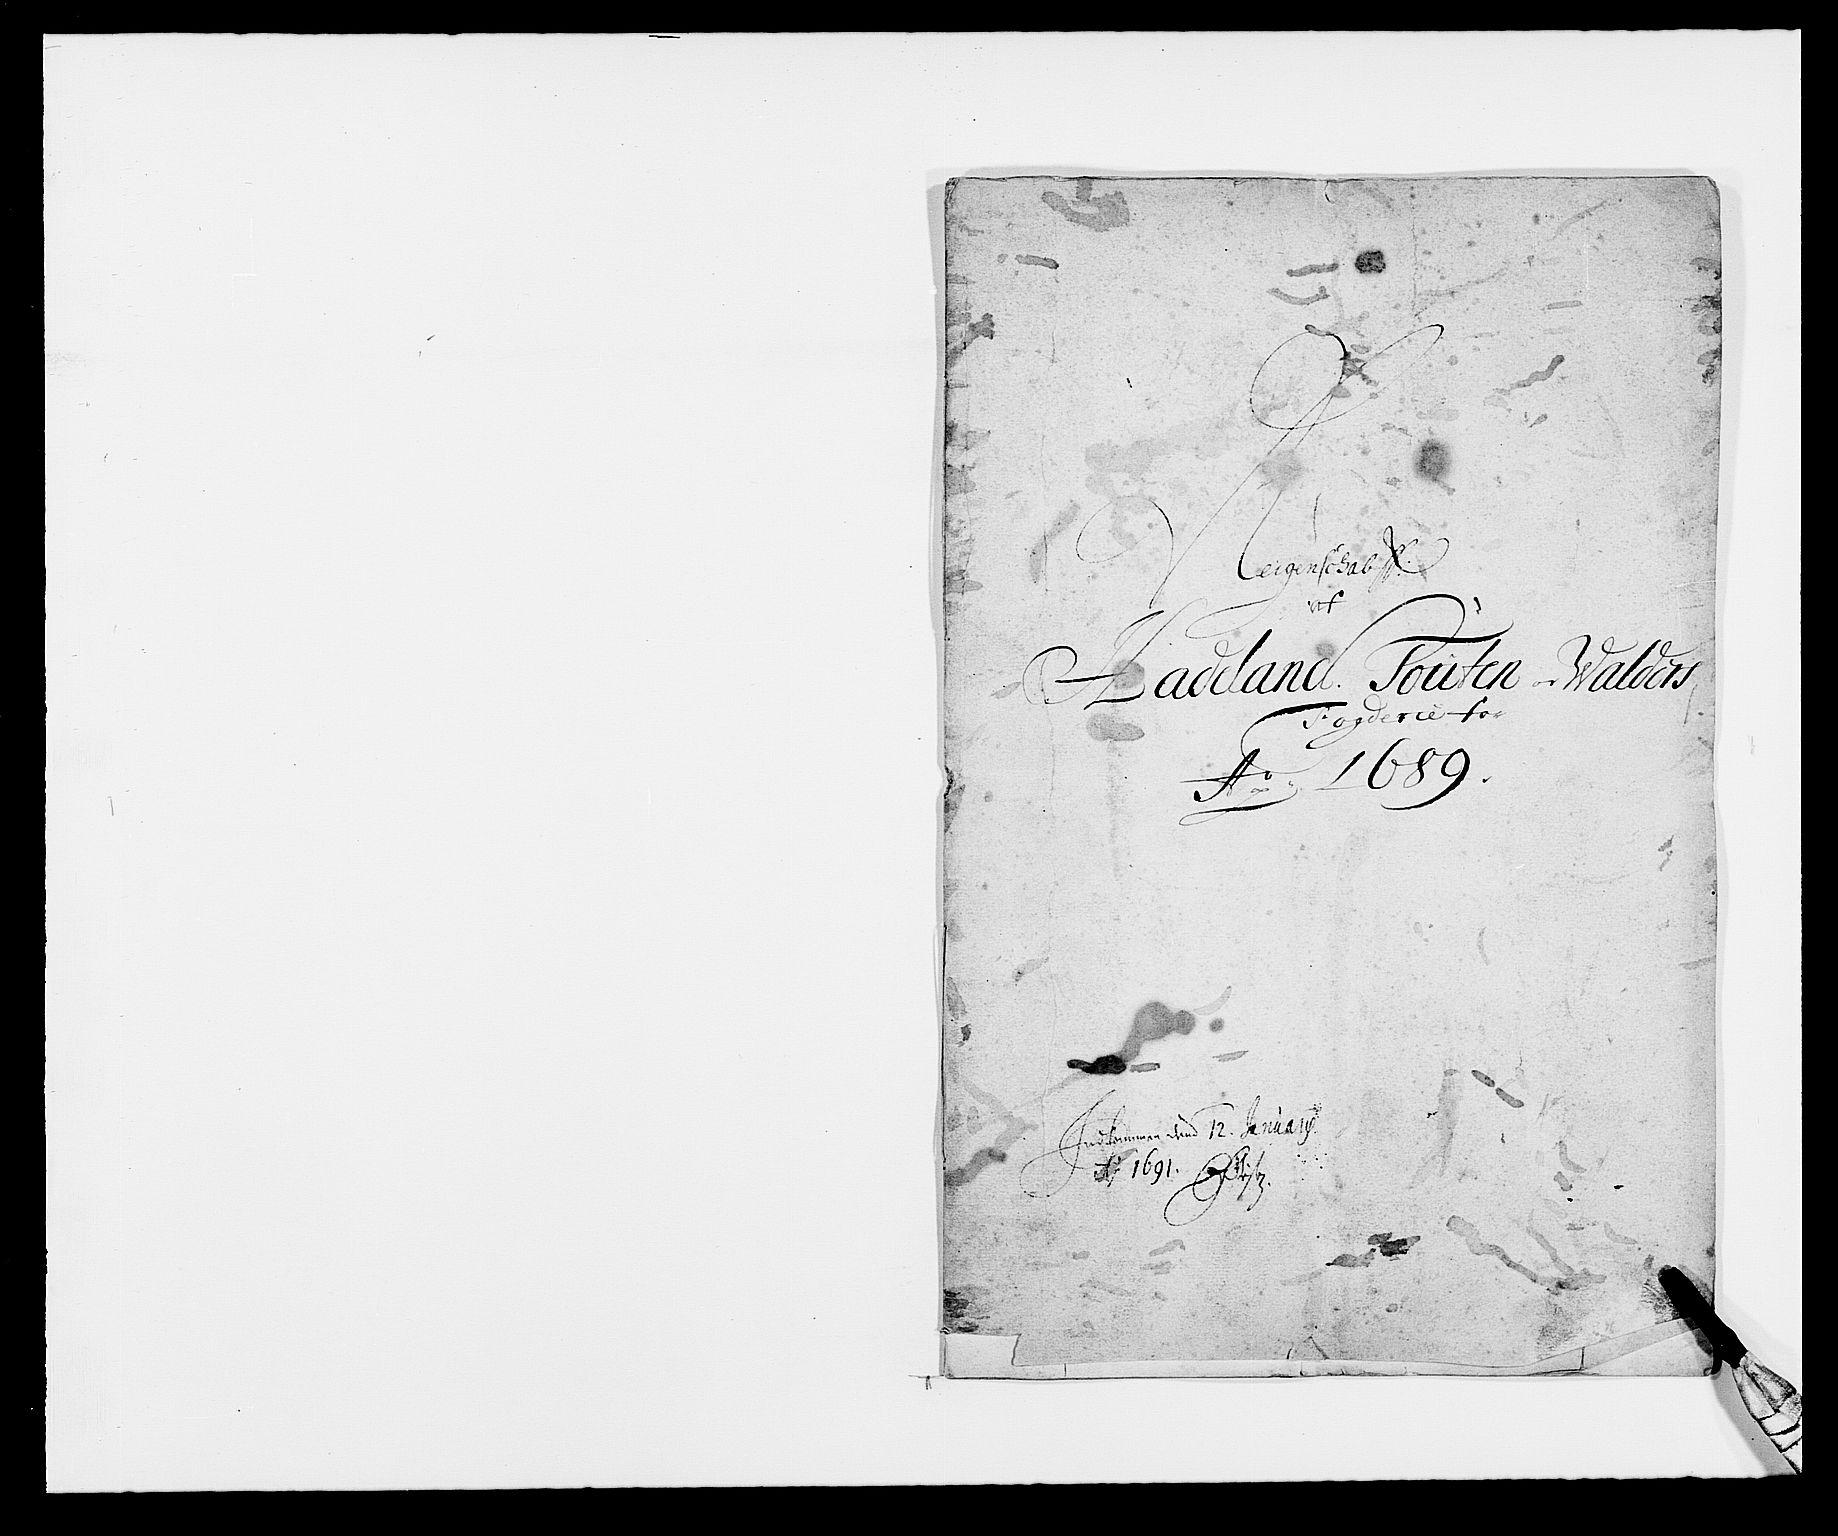 RA, Rentekammeret inntil 1814, Reviderte regnskaper, Fogderegnskap, R18/L1288: Fogderegnskap Hadeland, Toten og Valdres, 1689, s. 2